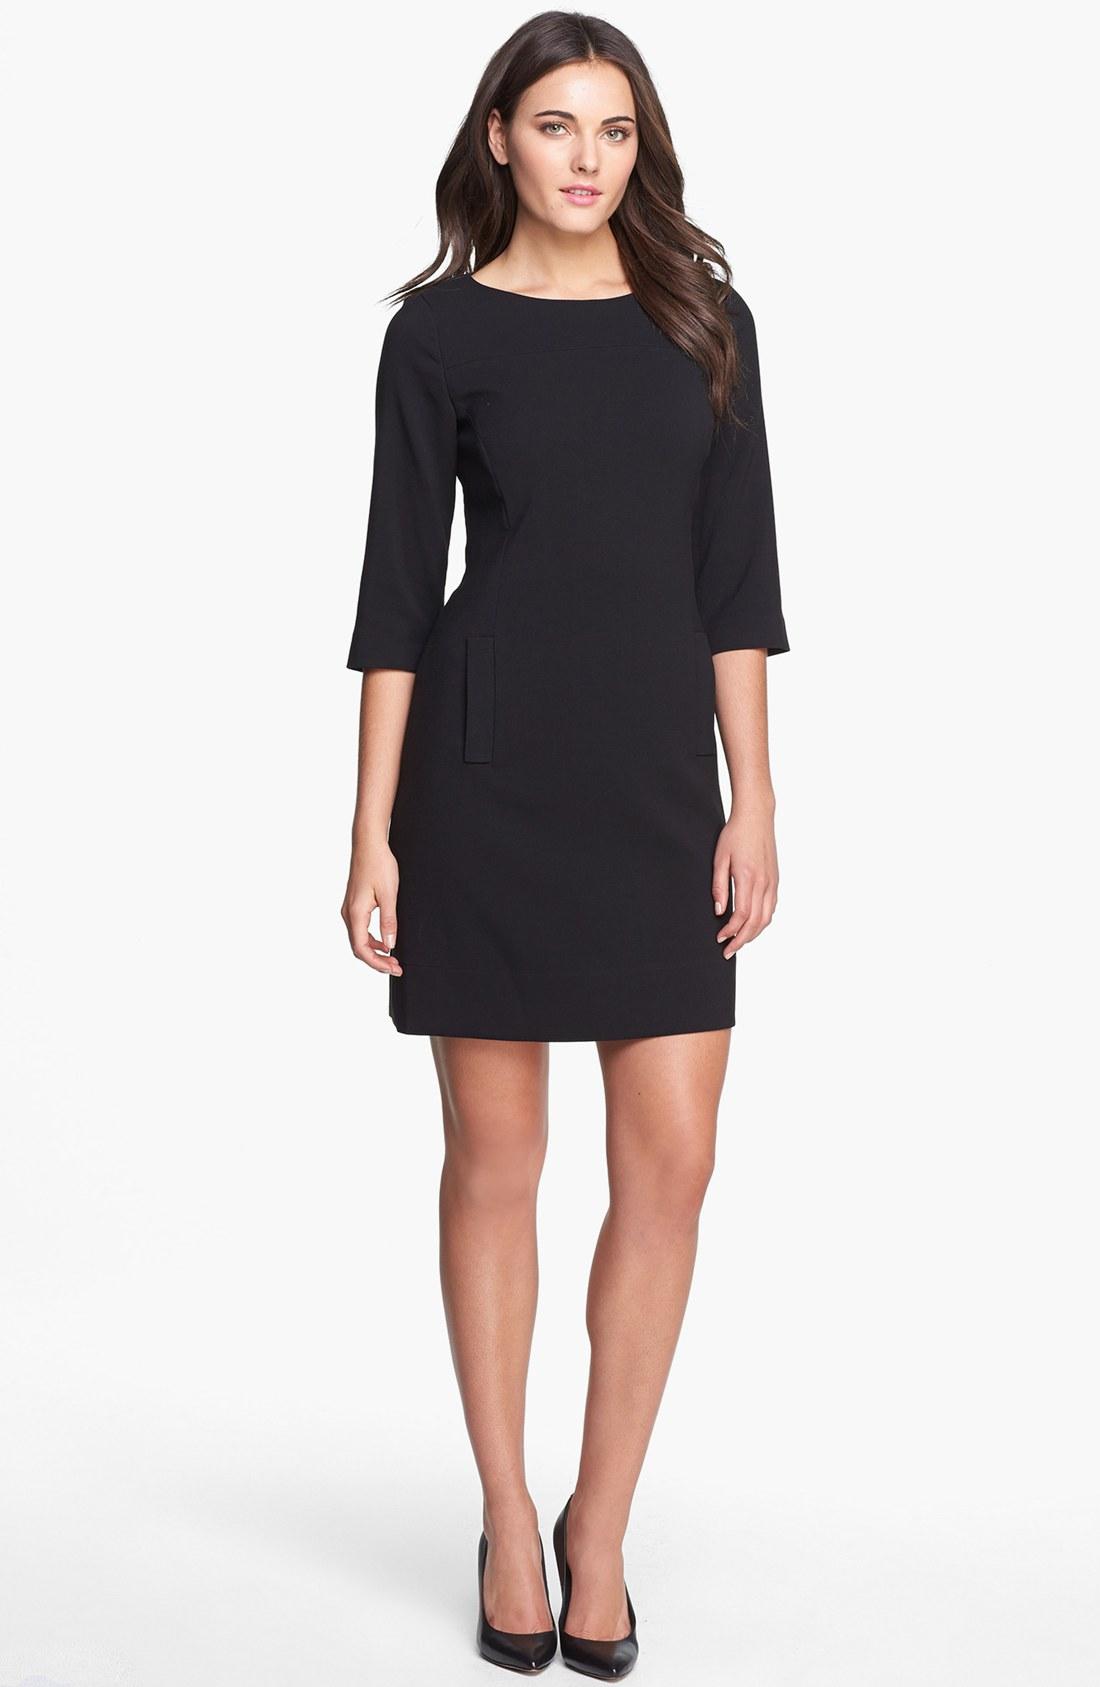 Nordstrom Designer Sale Dresses